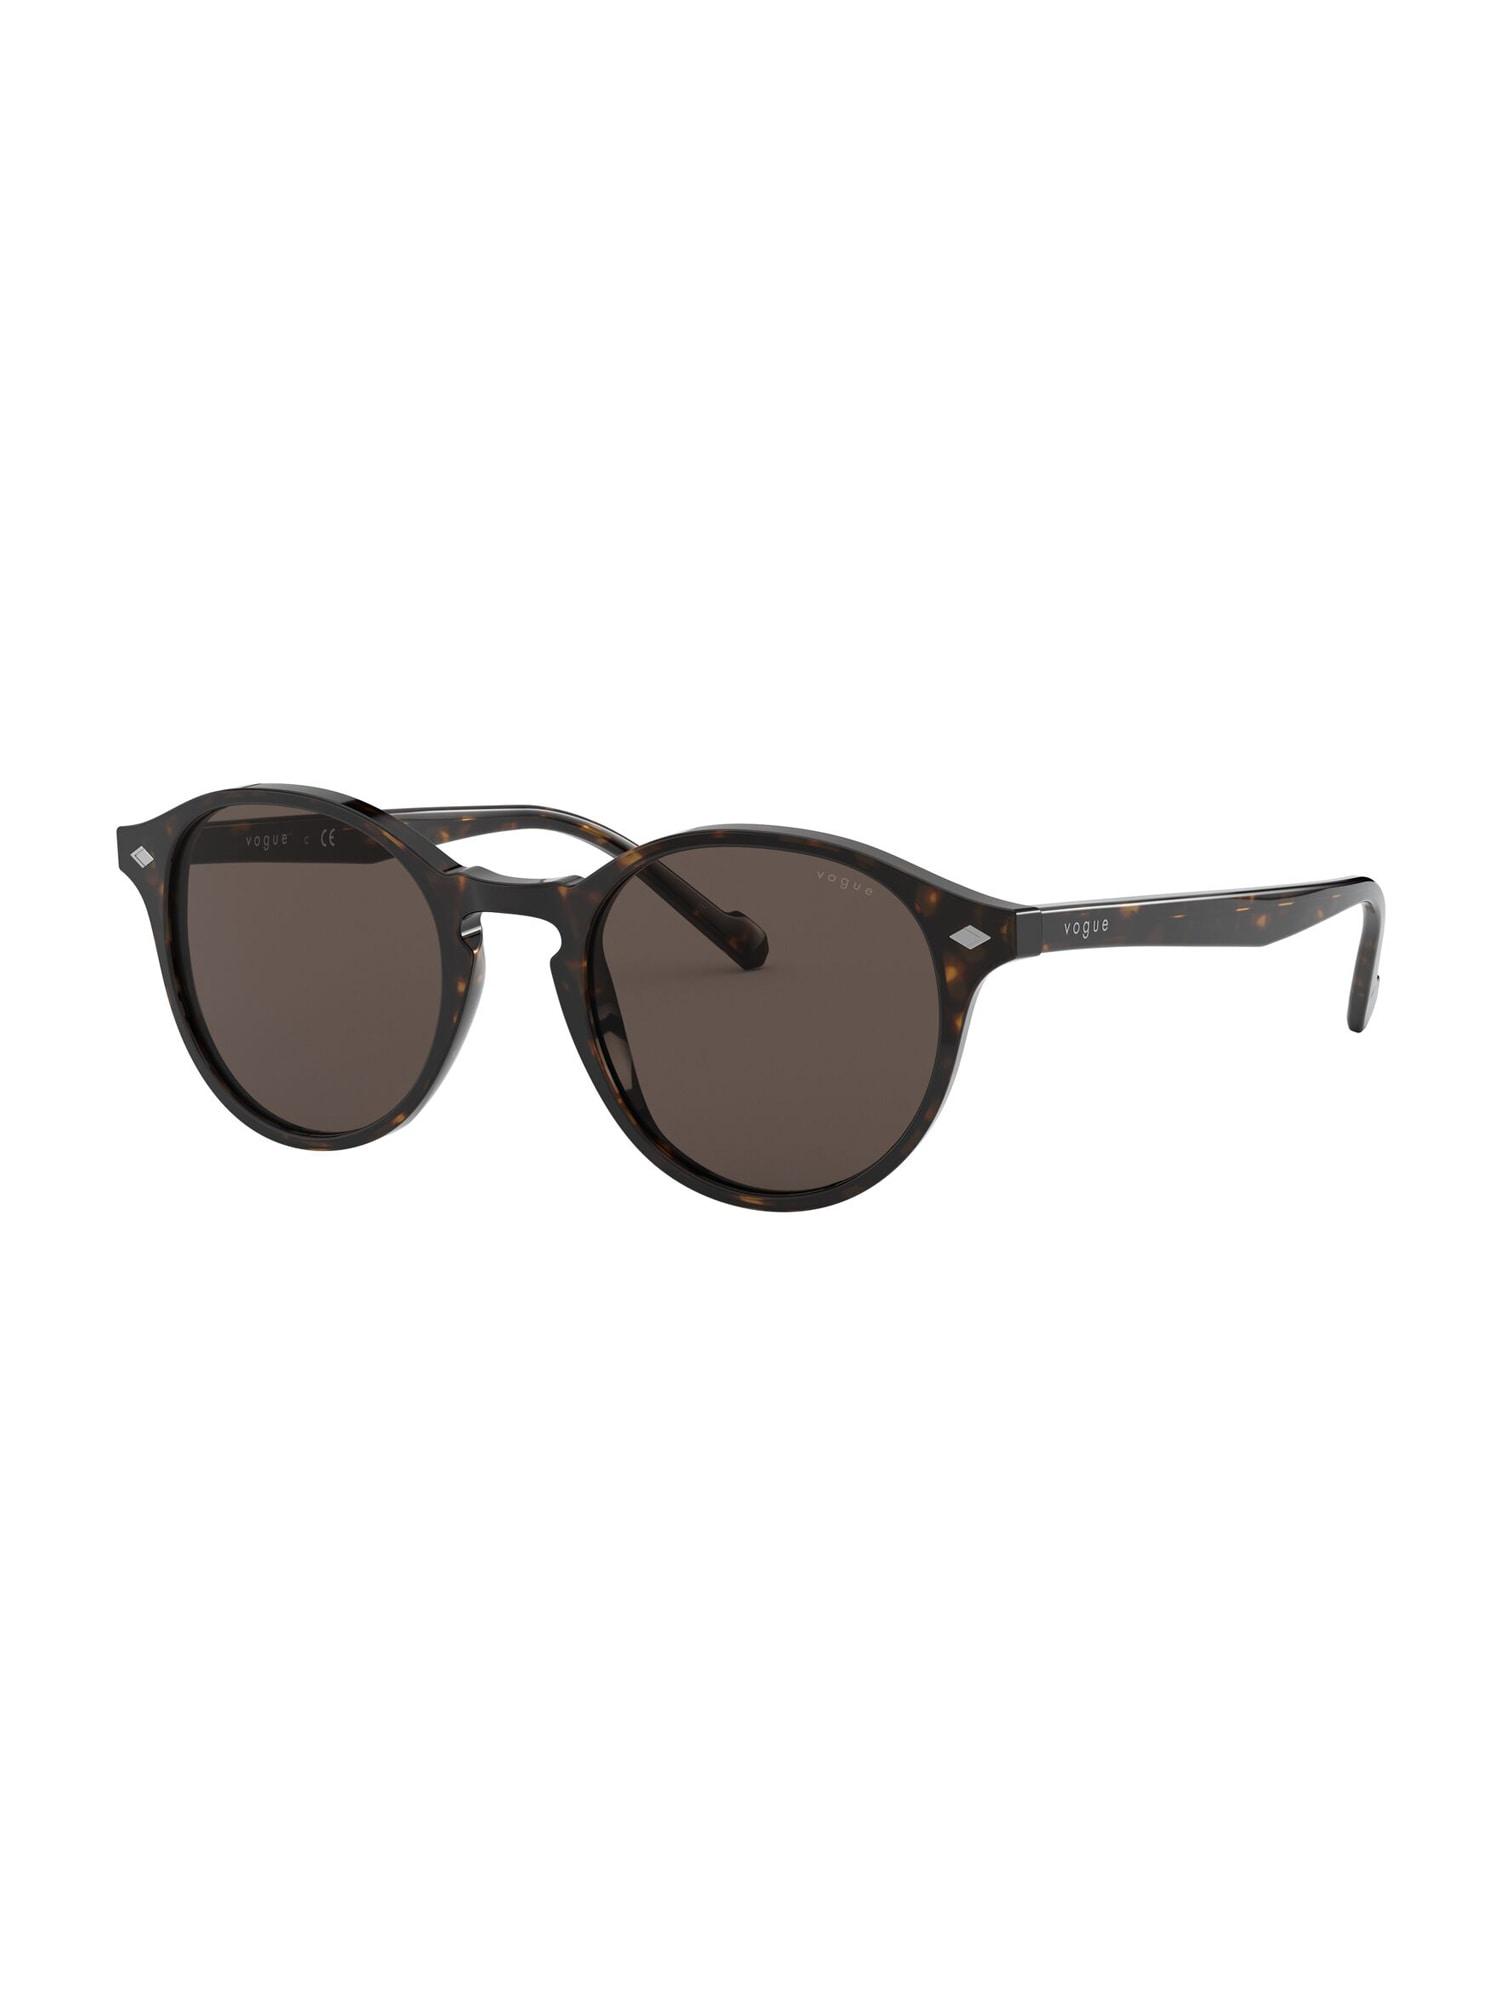 VOGUE Eyewear Akiniai nuo saulės tamsiai ruda